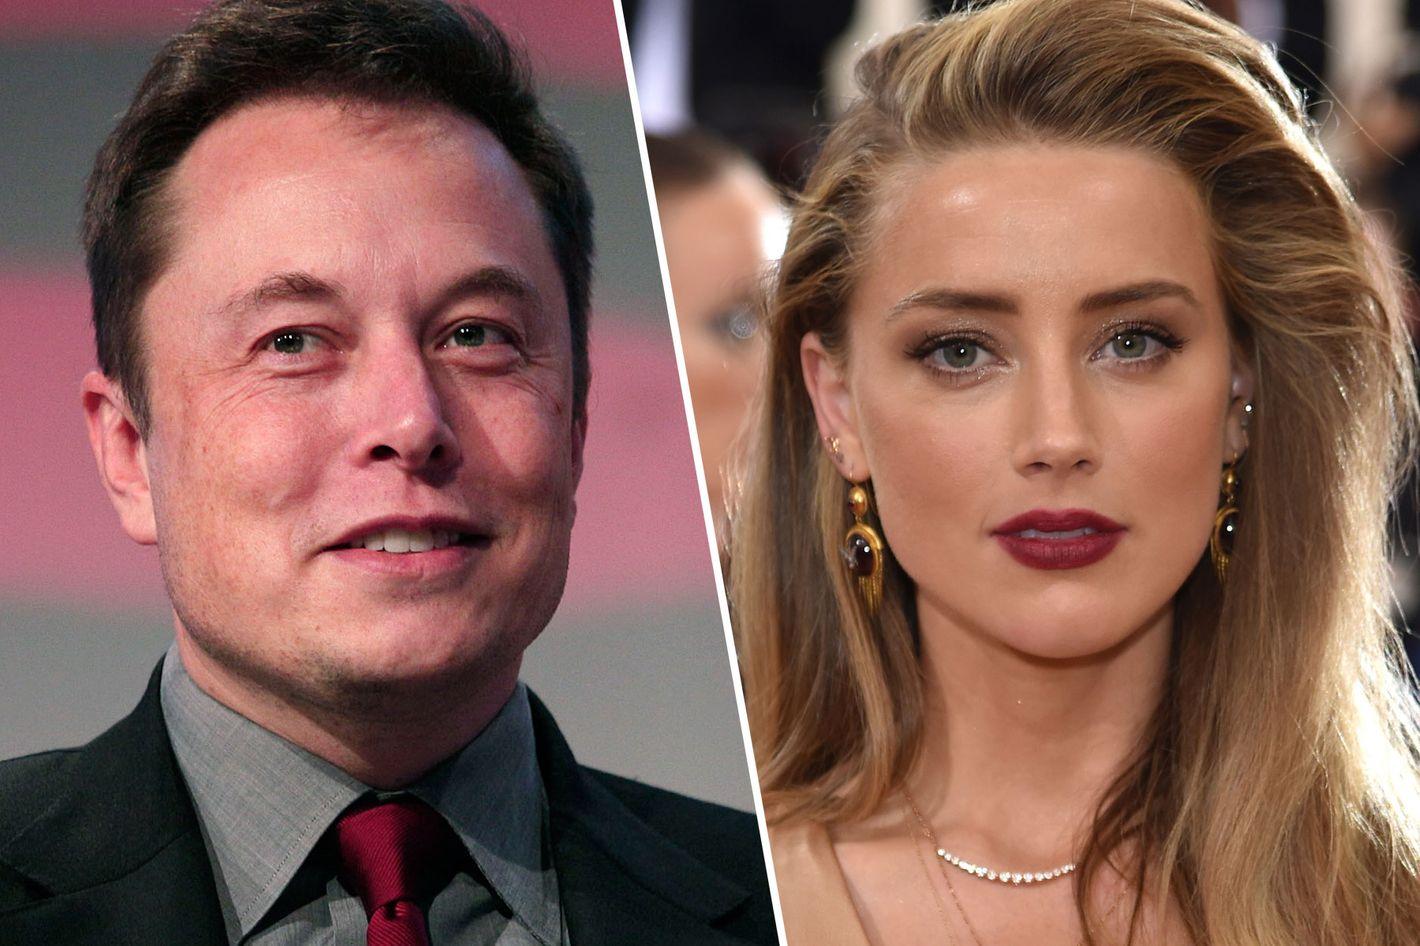 Elon musks mother